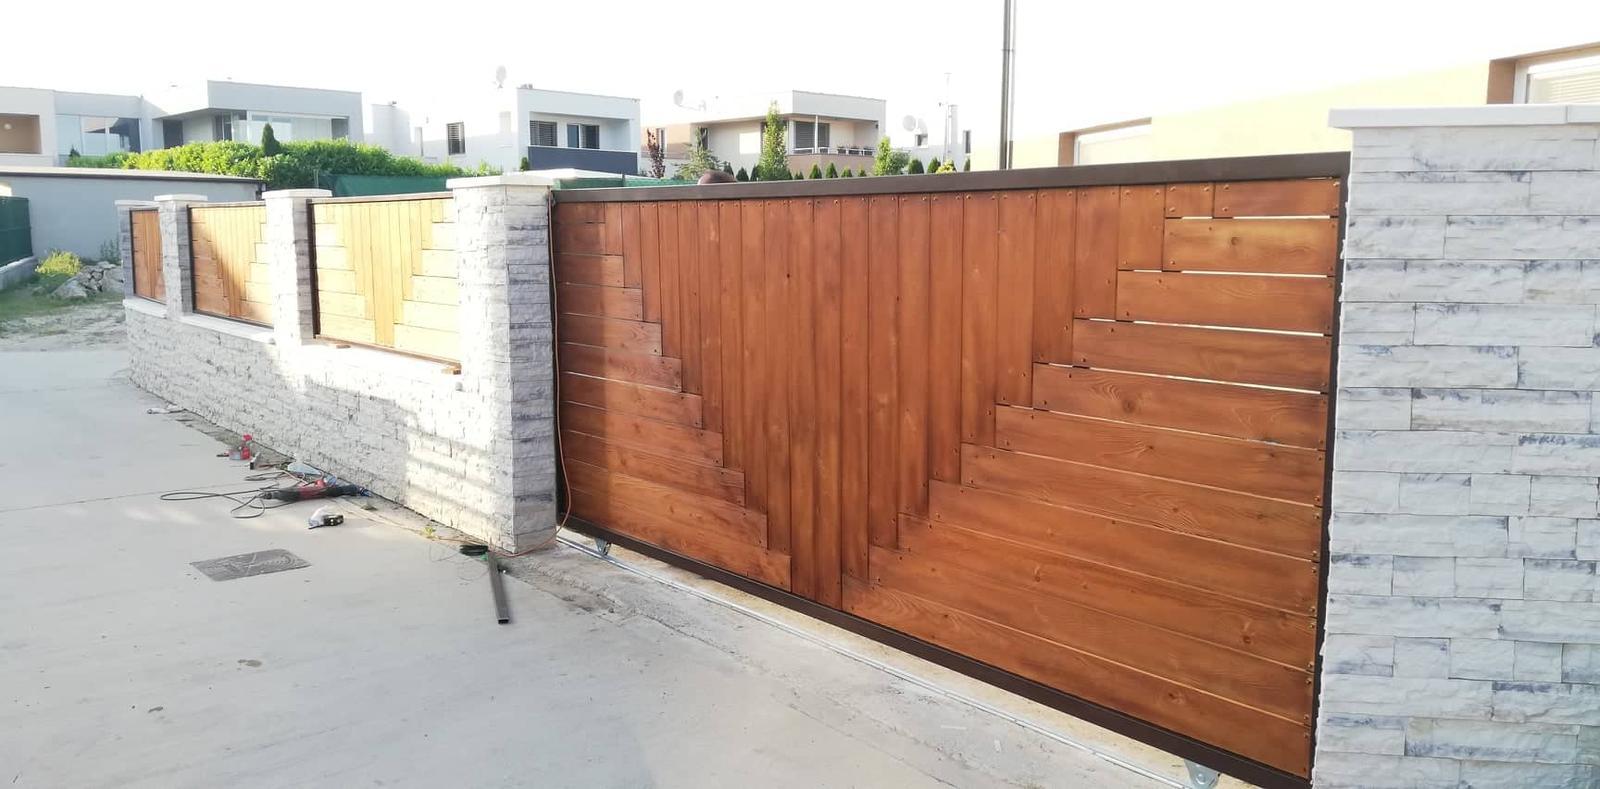 Posuvná brána + plotové výplne. Materiál smrek tzv parketový vzor - Obrázok č. 1